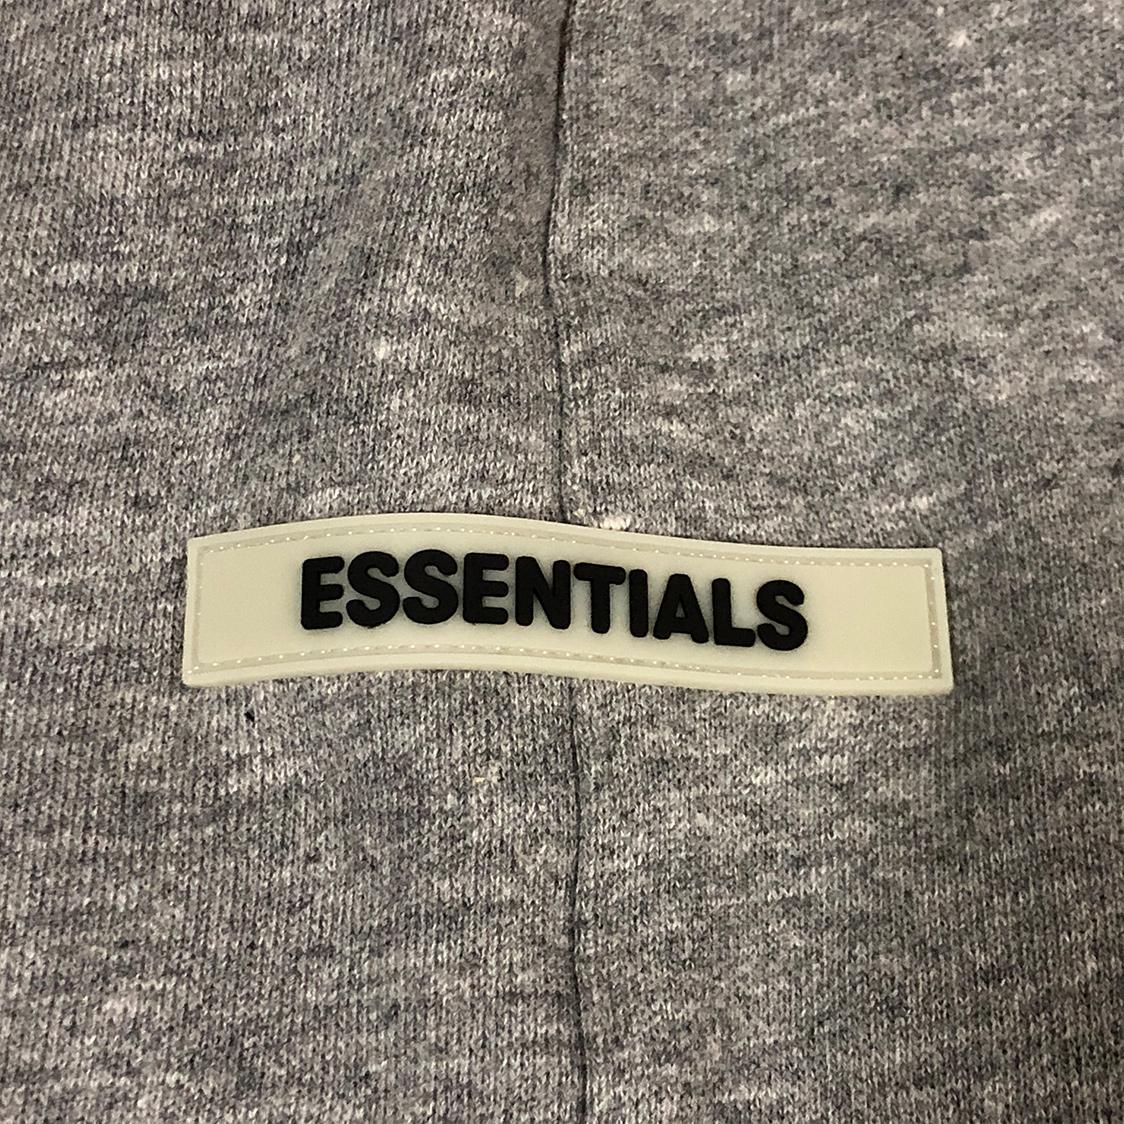 新品 Fear Of God Essentials フェアオブゴッド エッセンシャルズ 【XSサイズ】 リフレクティブ スウェット ショーツ ハーフパンツ グレー FOG